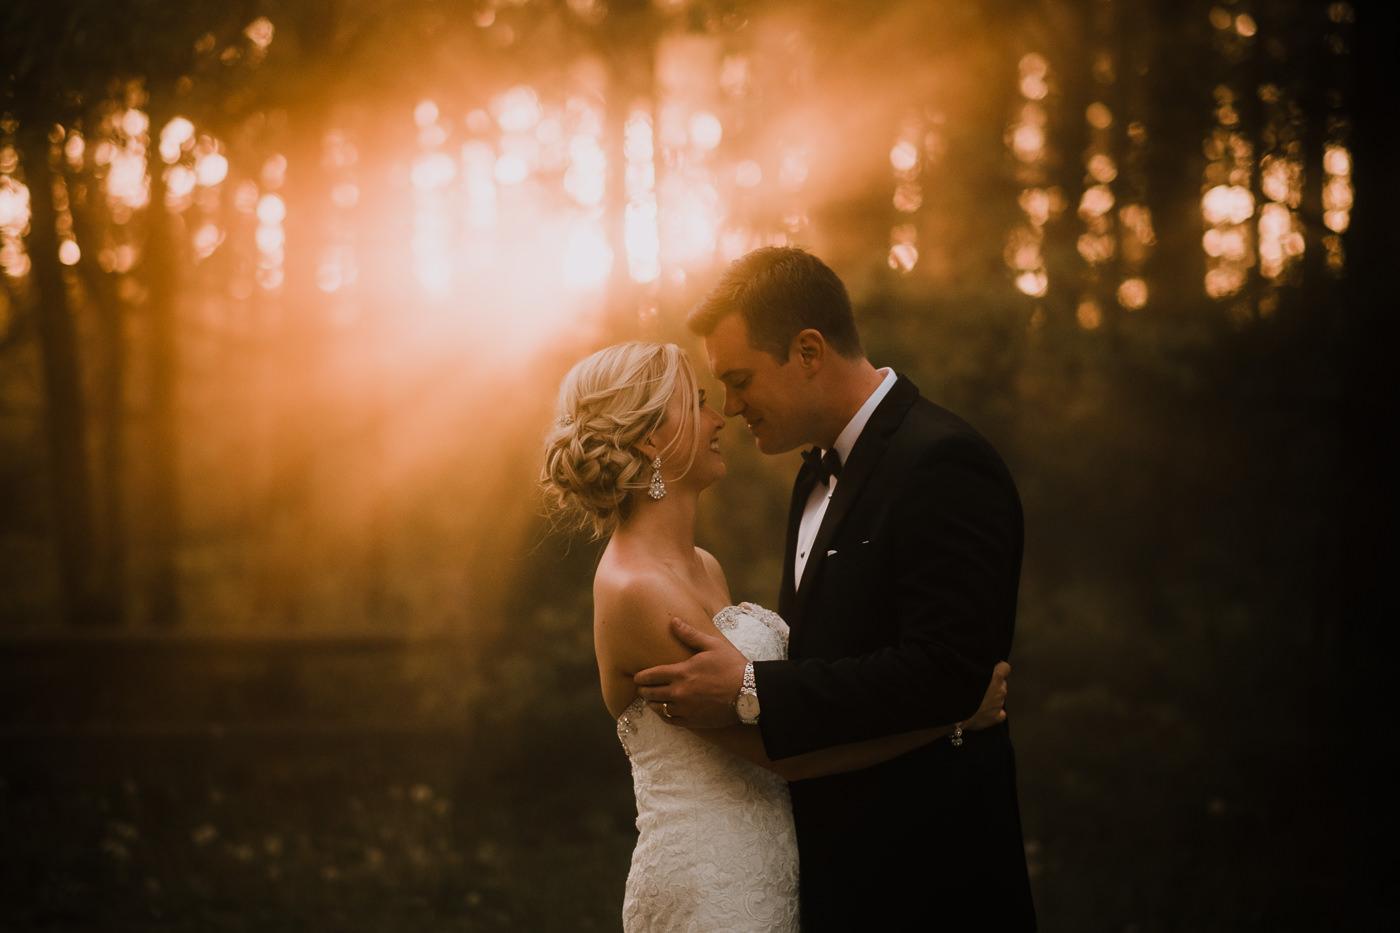 aly+jonny.web.newengland.wedding.©2017mileswittboyer-64.jpg